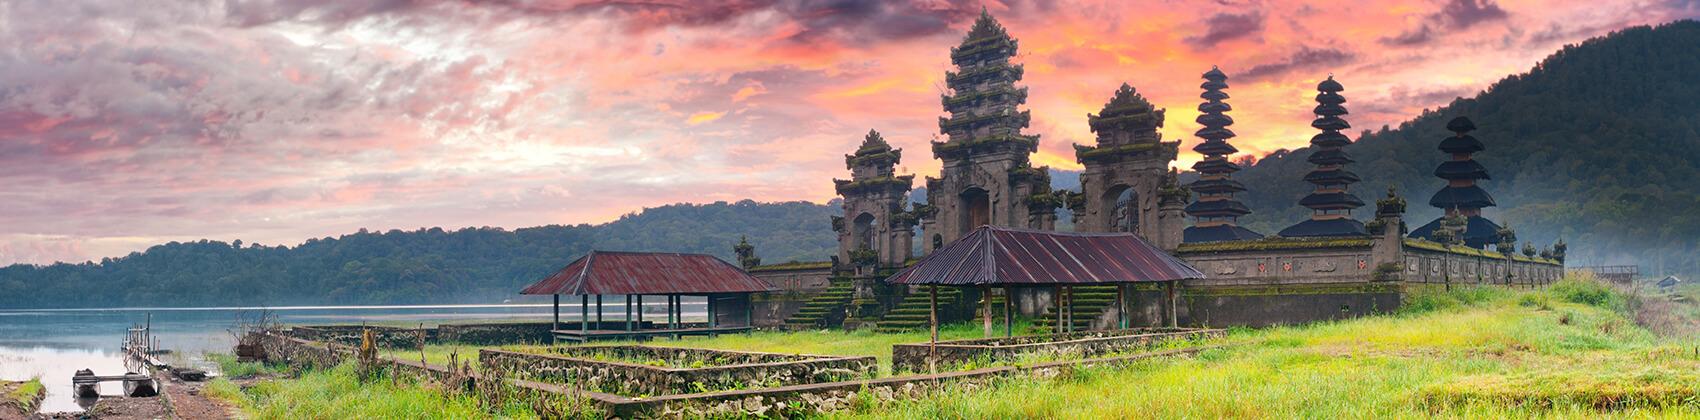 Travel Activities: Bali